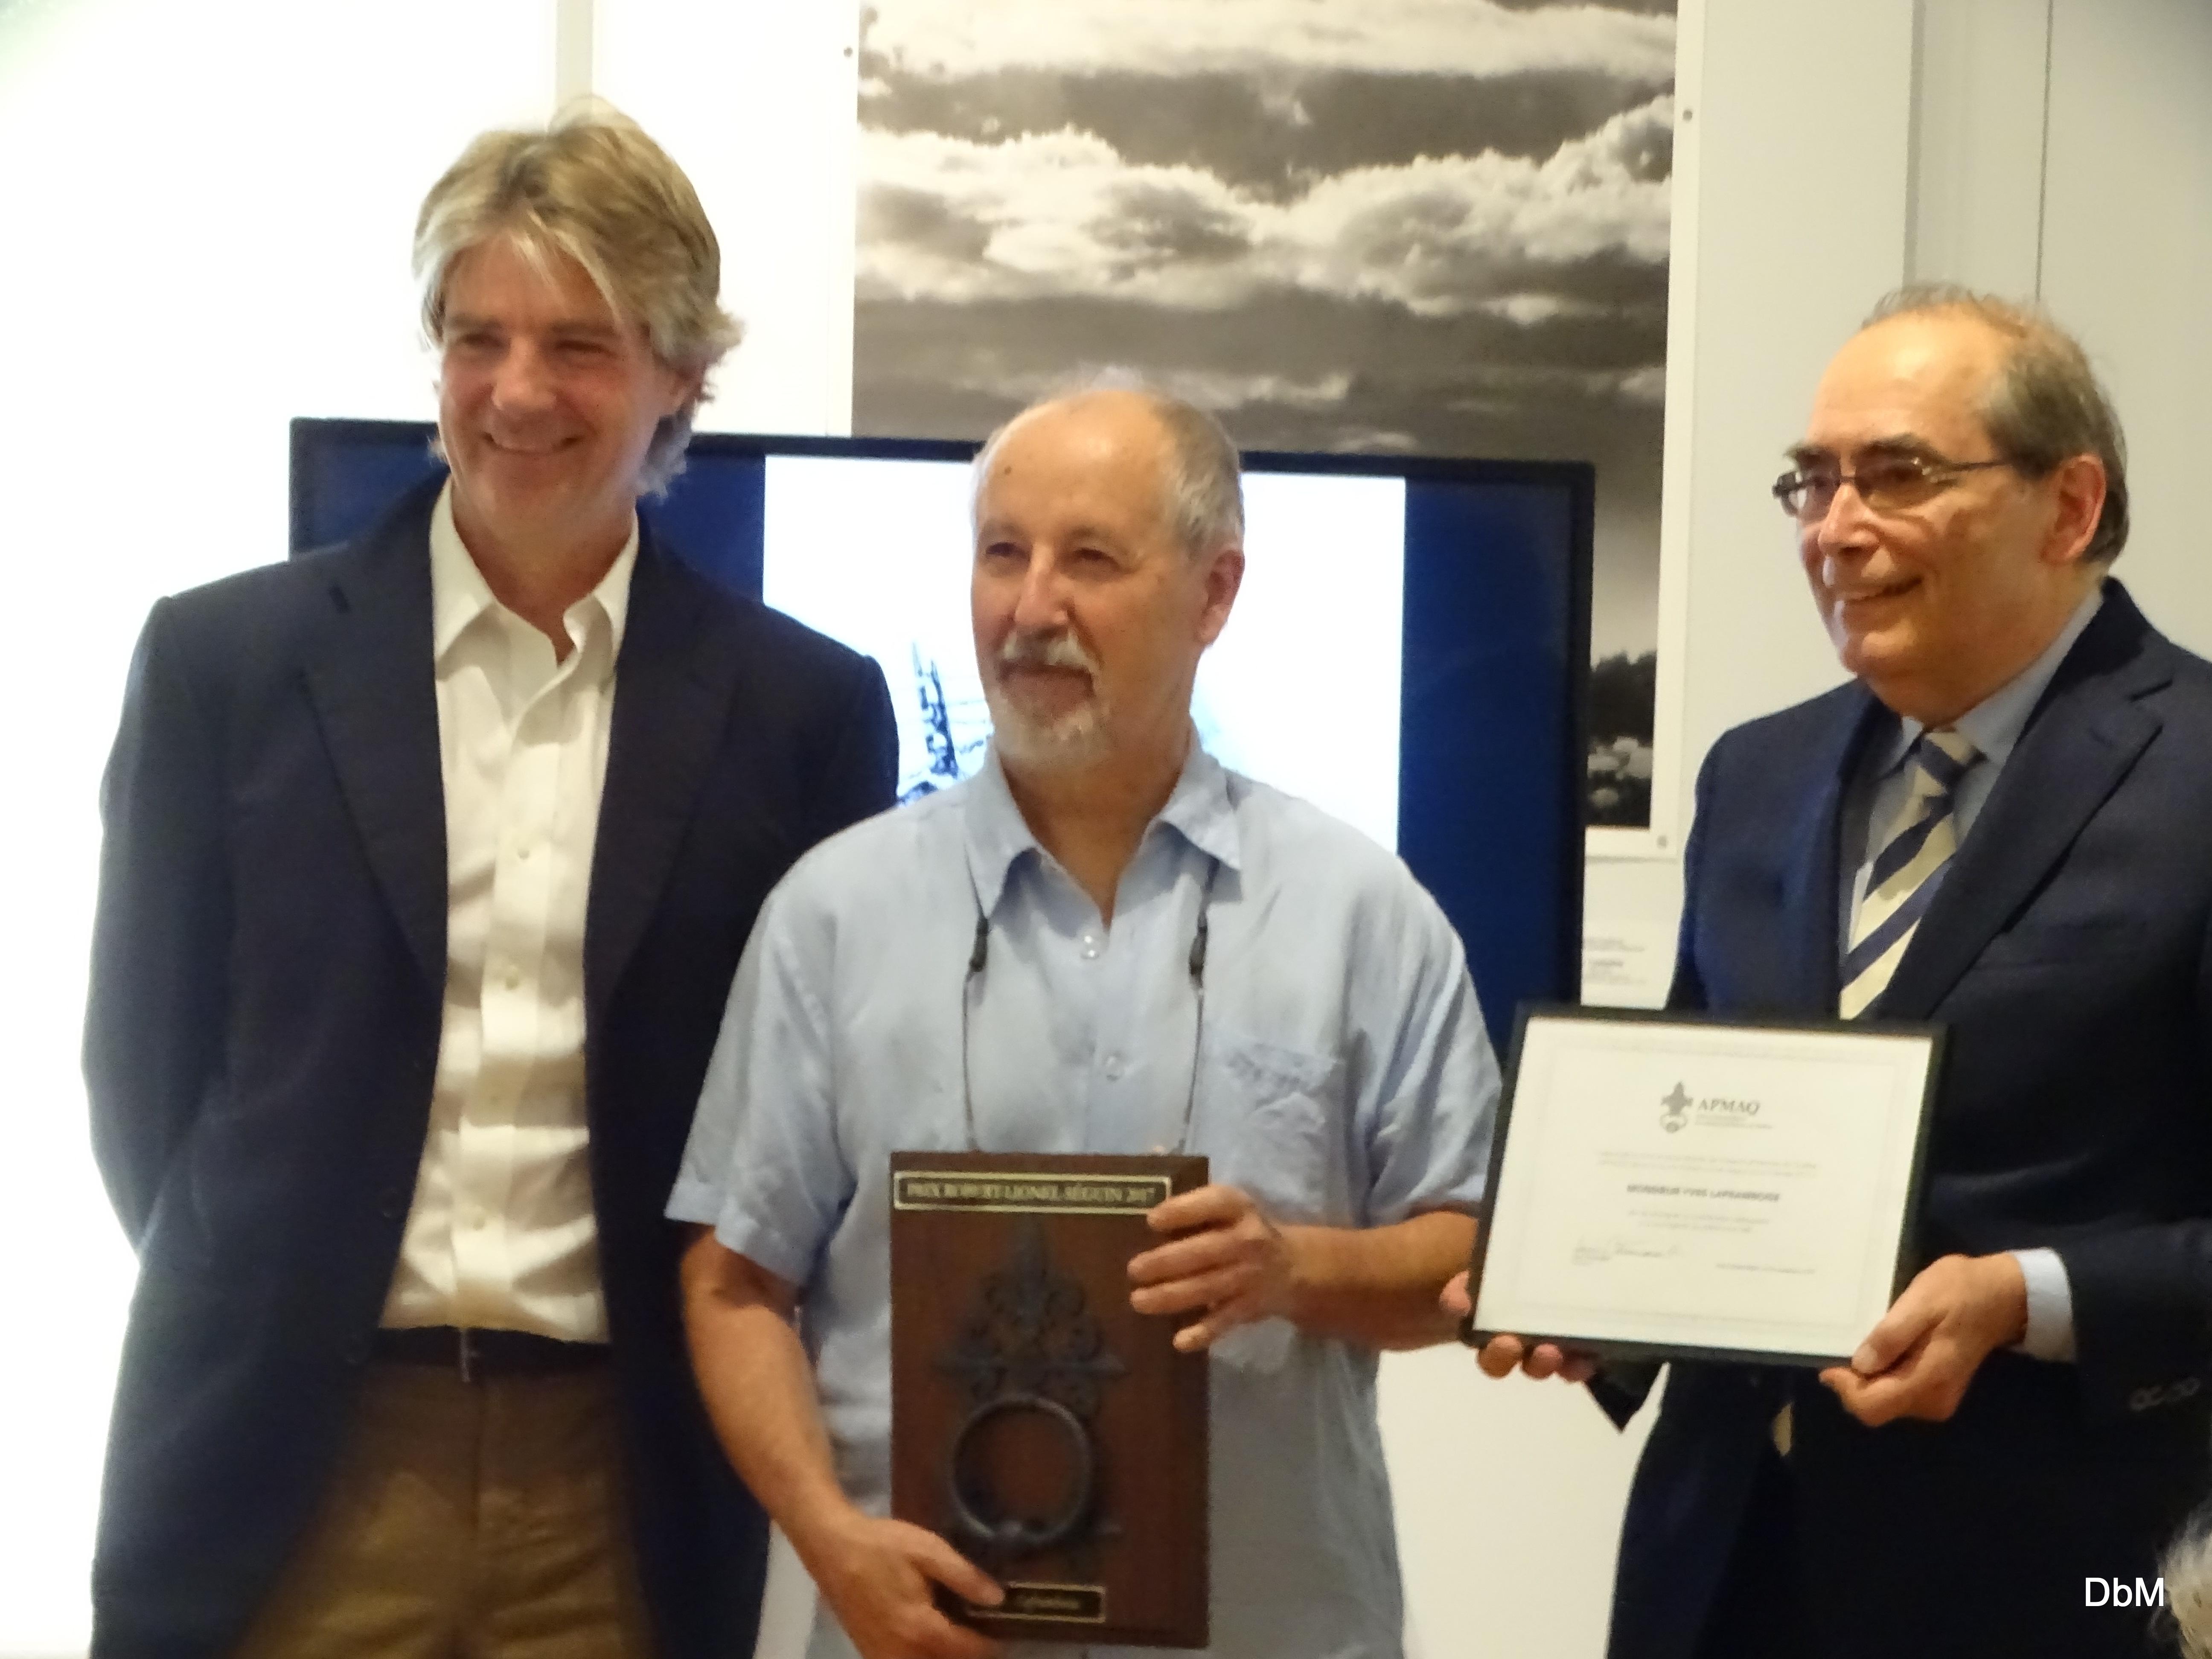 Alexander Reford, directeur des Jardins de Métis, remet le prix Robert-Lionel-Séguin à Yves Laframboise. Crédit photo : Jerry Roy.